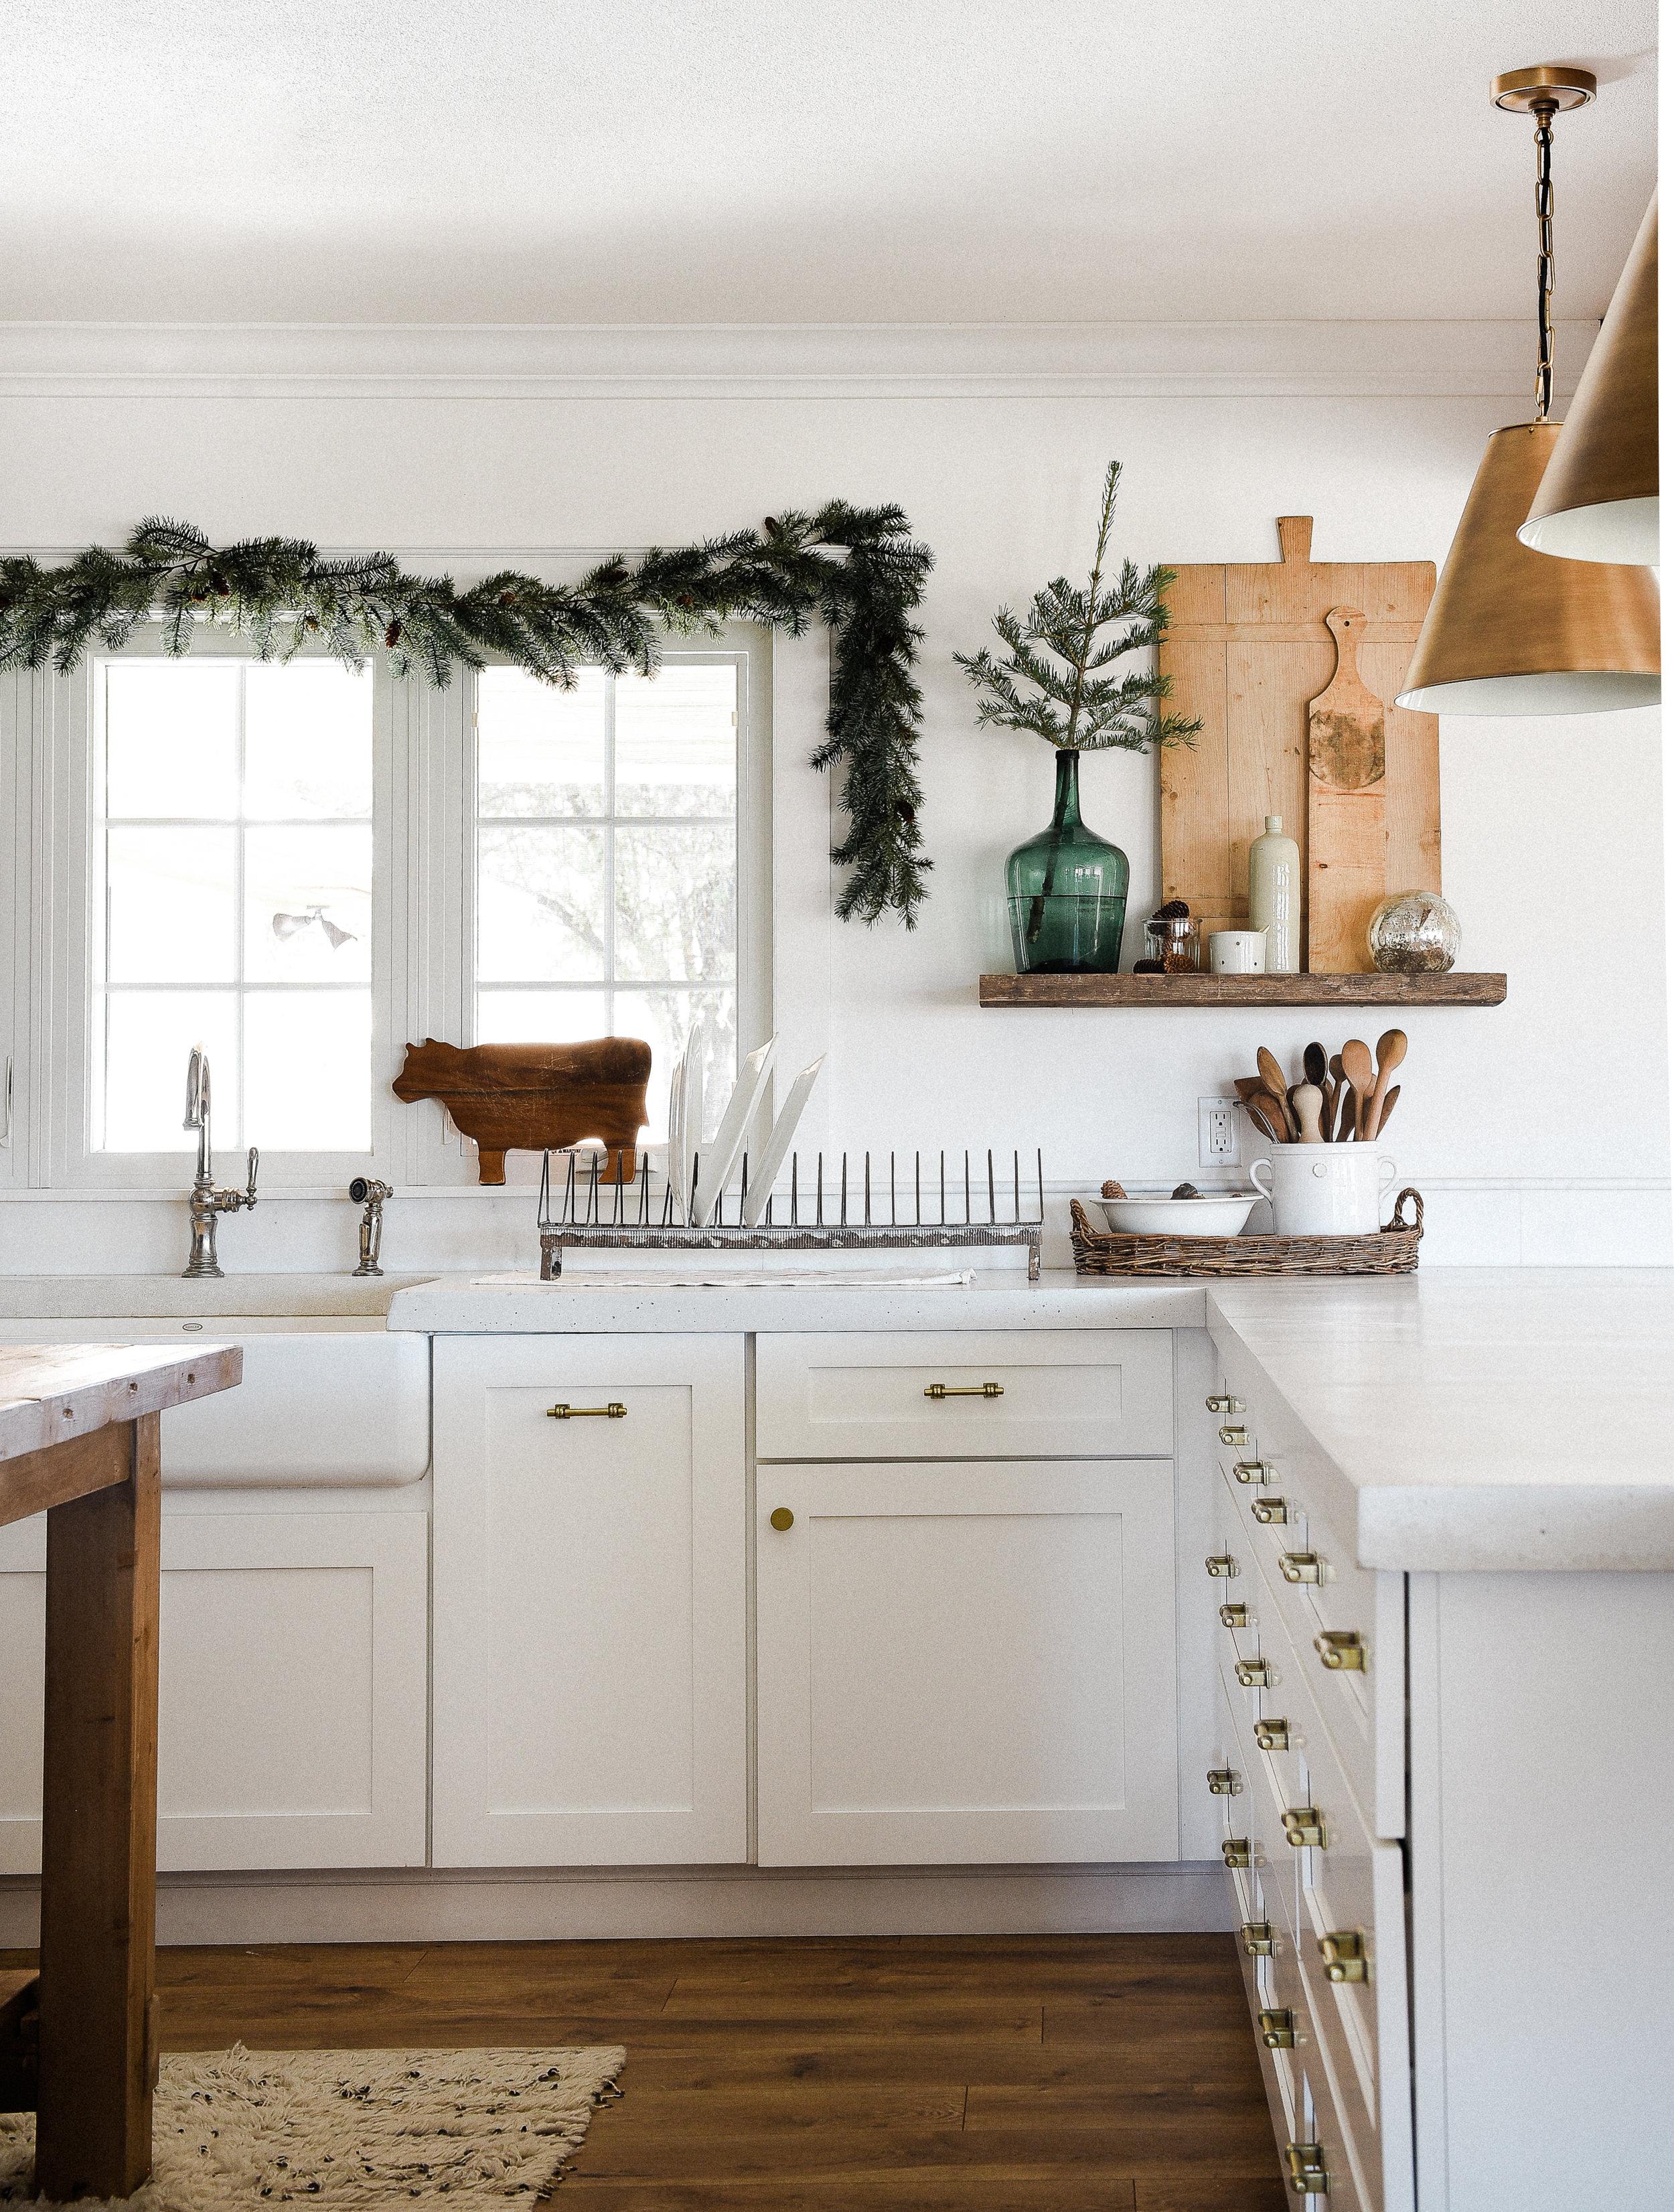 Christmas decorations & ideas for a farmhouse Christmas   #christmasdecorations #christmaskitchen